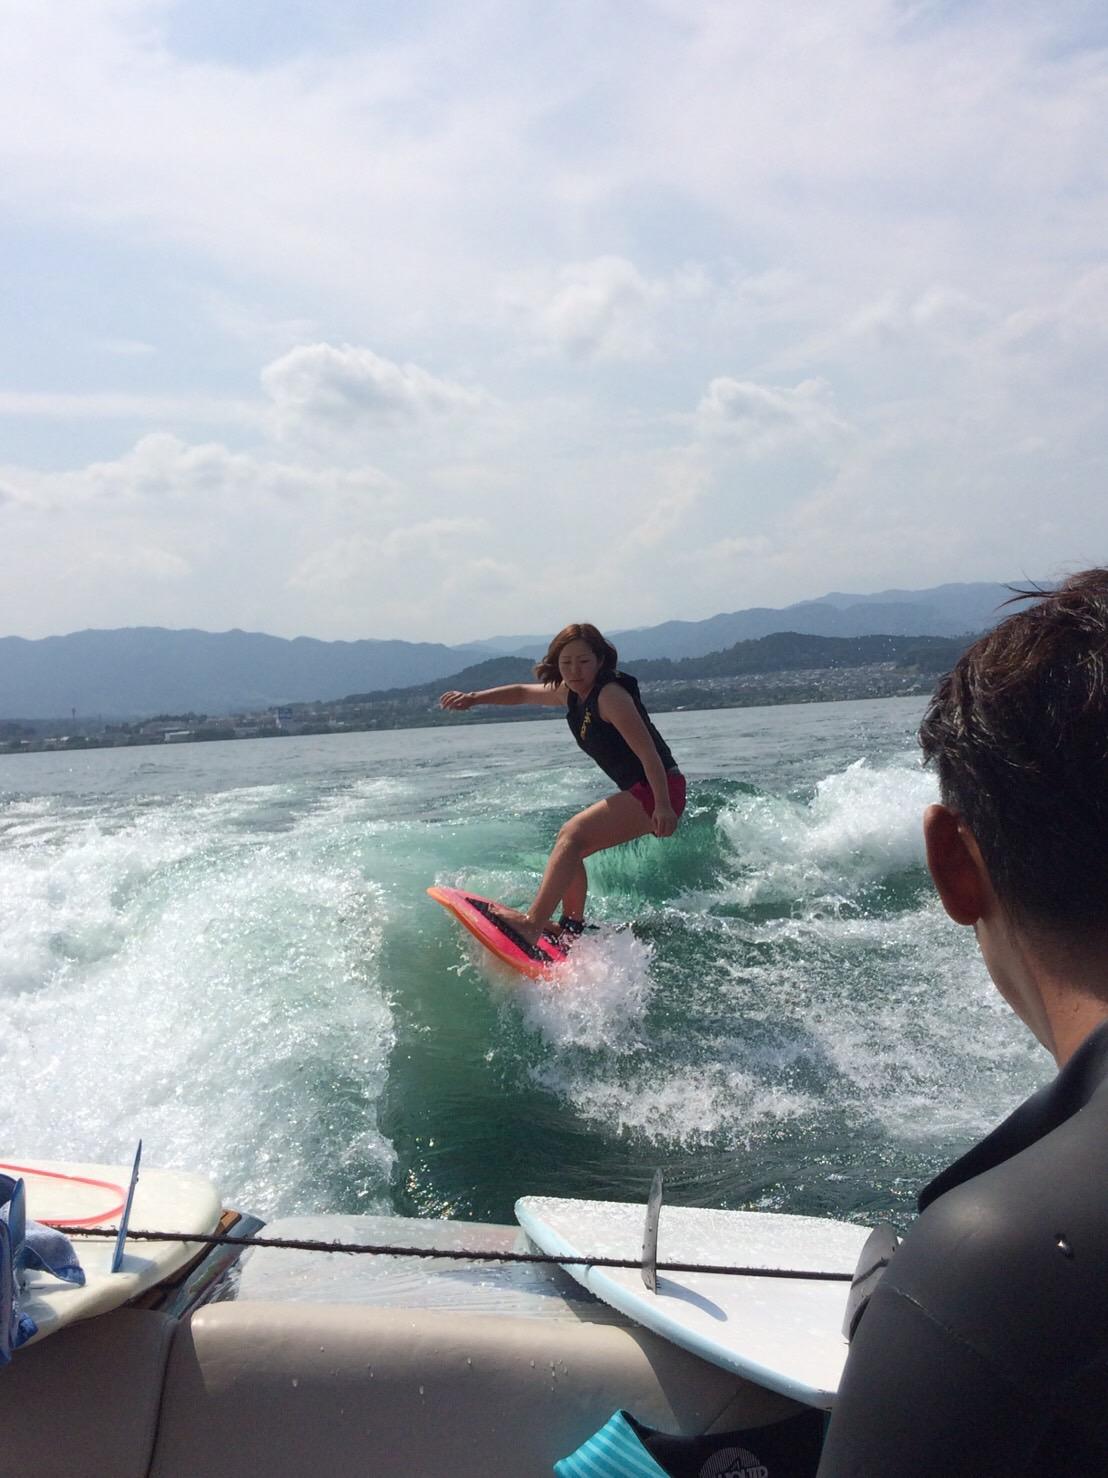 サーフィン ボード ウェイク